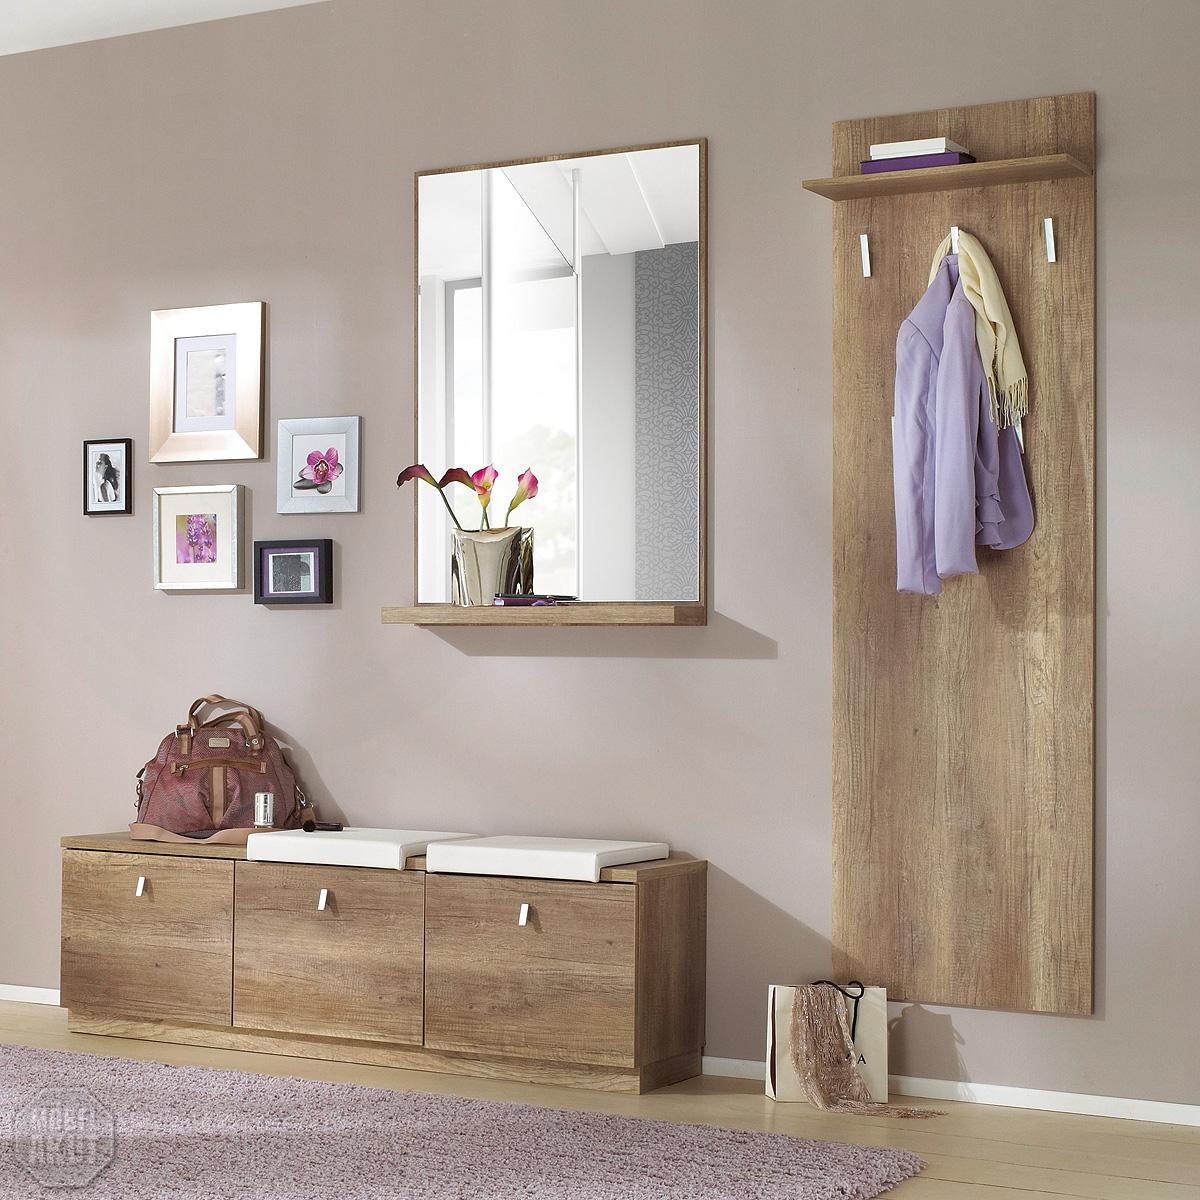 garderoben set 2 grace schuhschrank spiegel paneel wildeiche tr ffel ebay. Black Bedroom Furniture Sets. Home Design Ideas